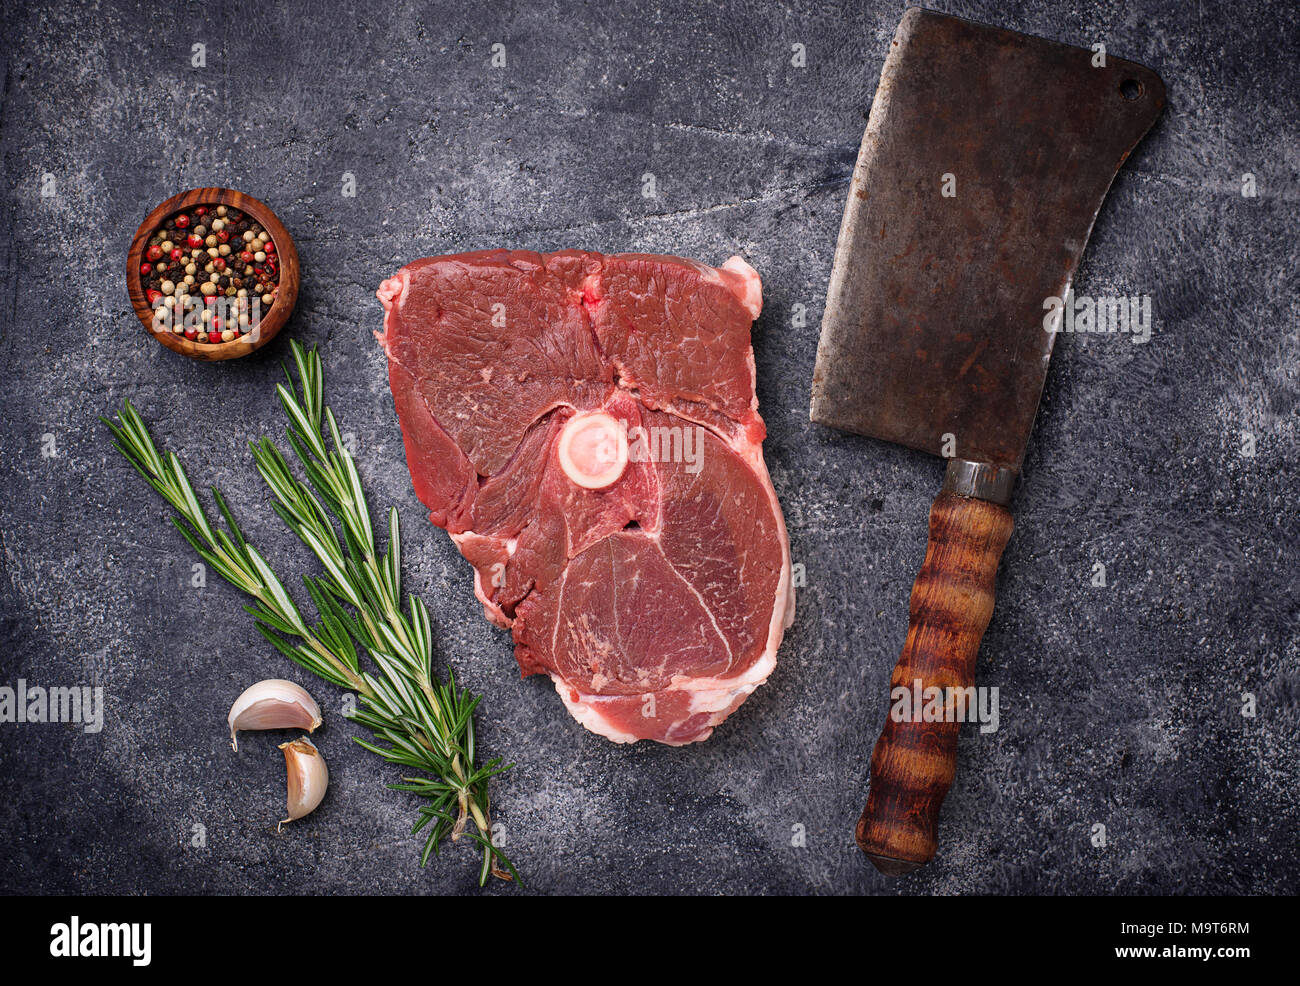 La carne de cordero con romero, especias y cleaver. Imagen De Stock